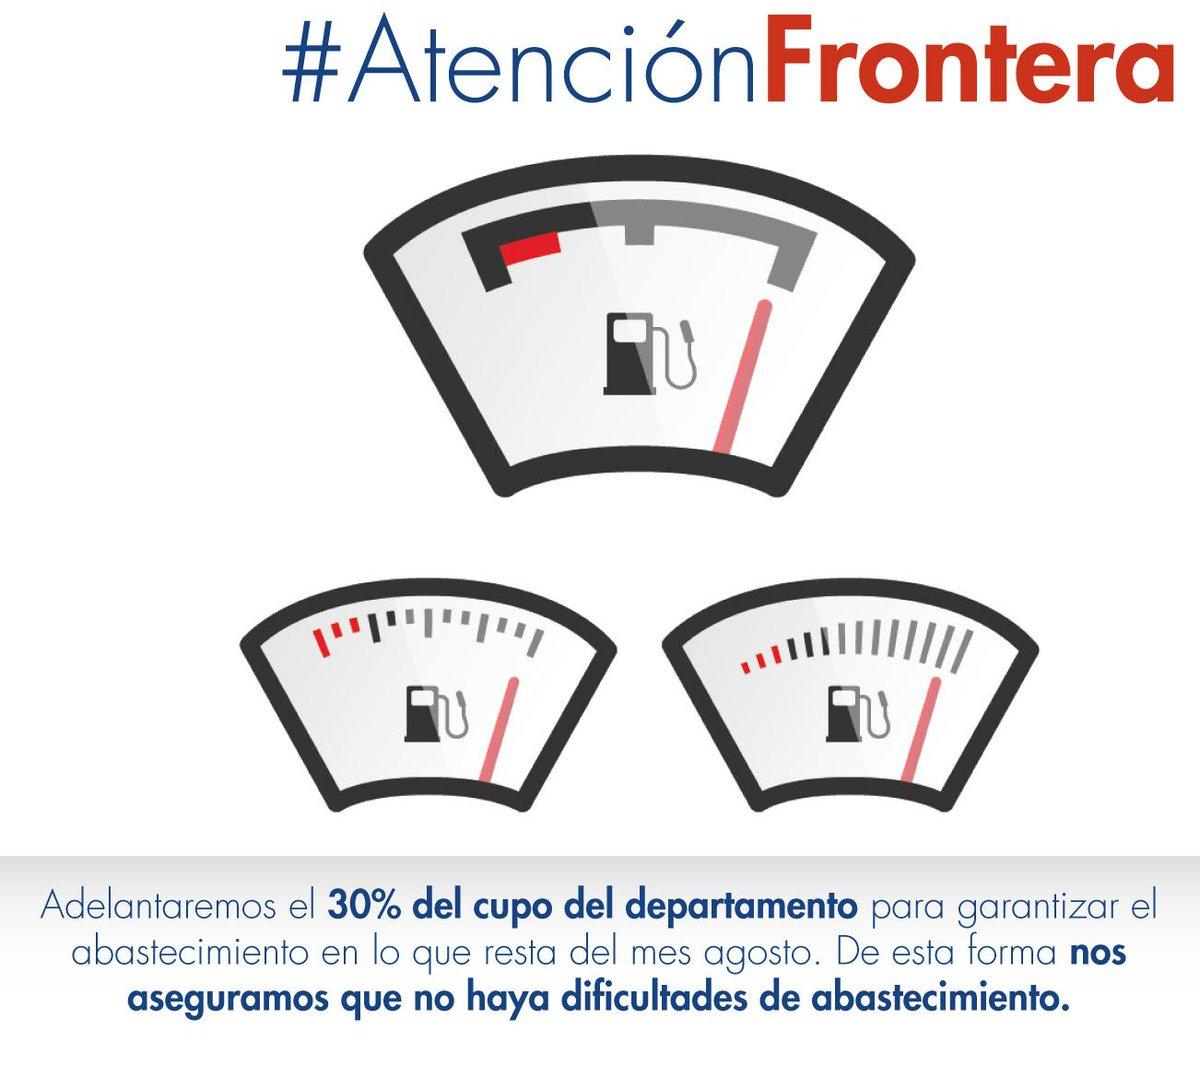 Se confirma adelanto de cupo del 30%. Con esto se supliría la demanda actual para el resto del mes #AtenciónFrontera http://t.co/InYJsMZm7I